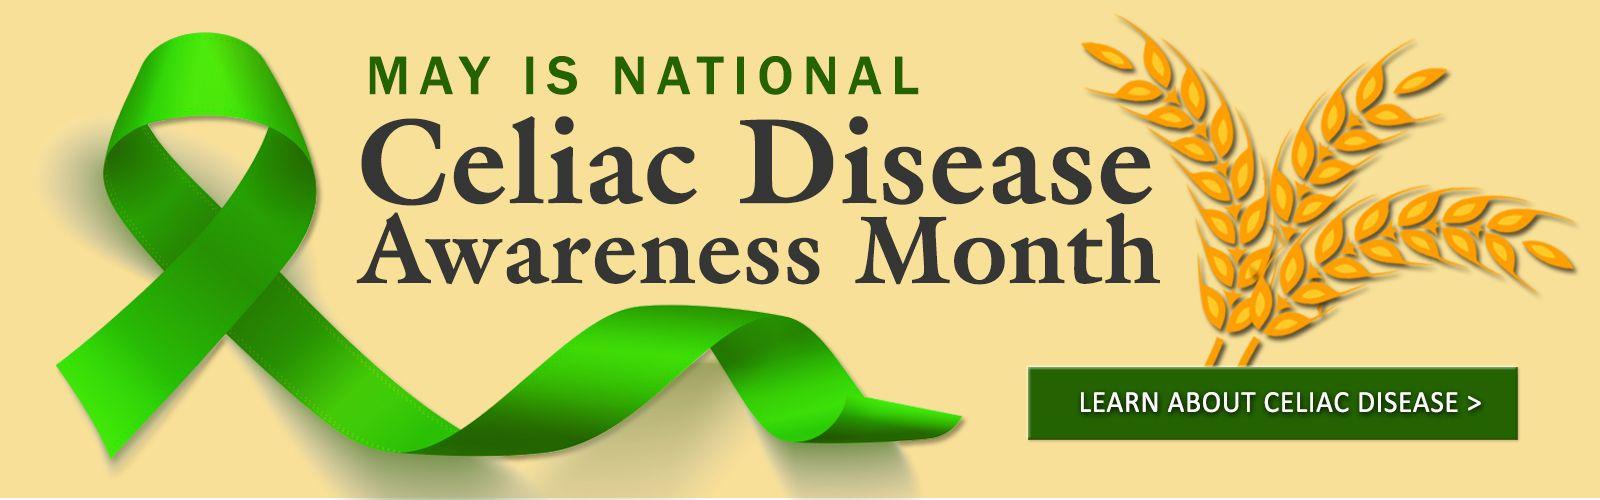 Celiac Disease Awareness